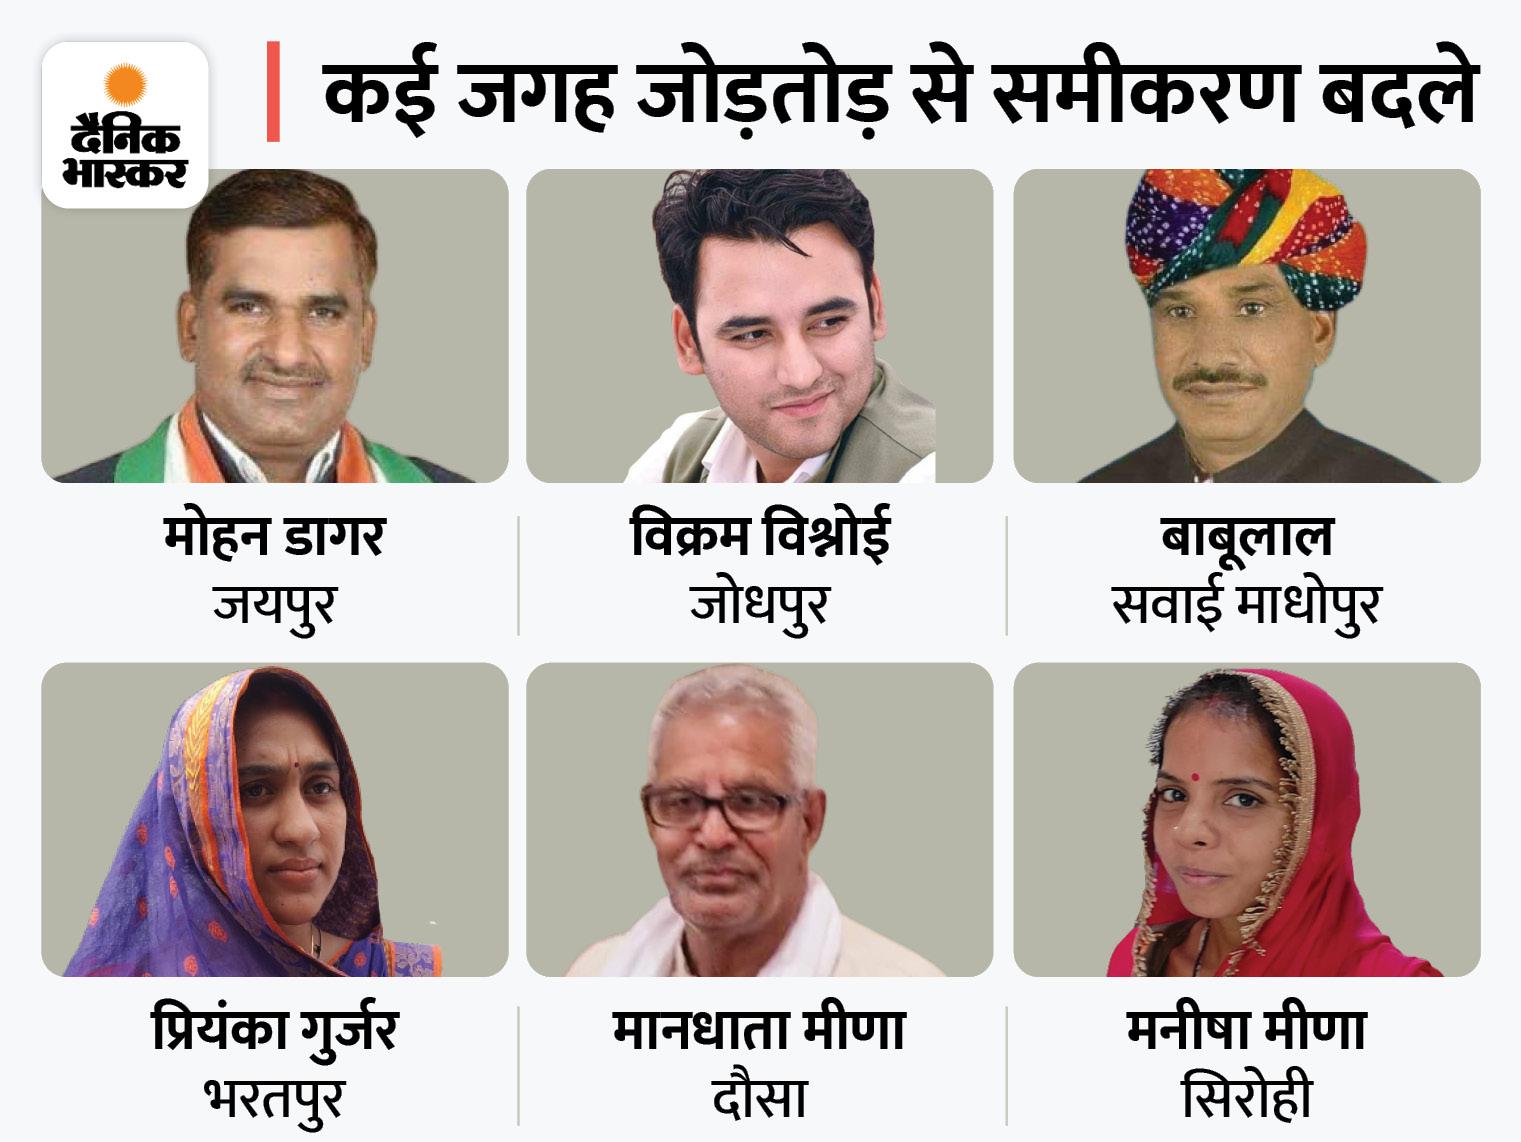 आज जयपुर, भरतपुर में हुआ उलटफेर, केवल सिरोही में बीजेपी का उपजिला प्रमुख; जयपुर, जोधपुर, भरतपुर, दौसा, सवाईमाधोपुर में कांग्रेस की जीत|जयपुर,Jaipur - Dainik Bhaskar